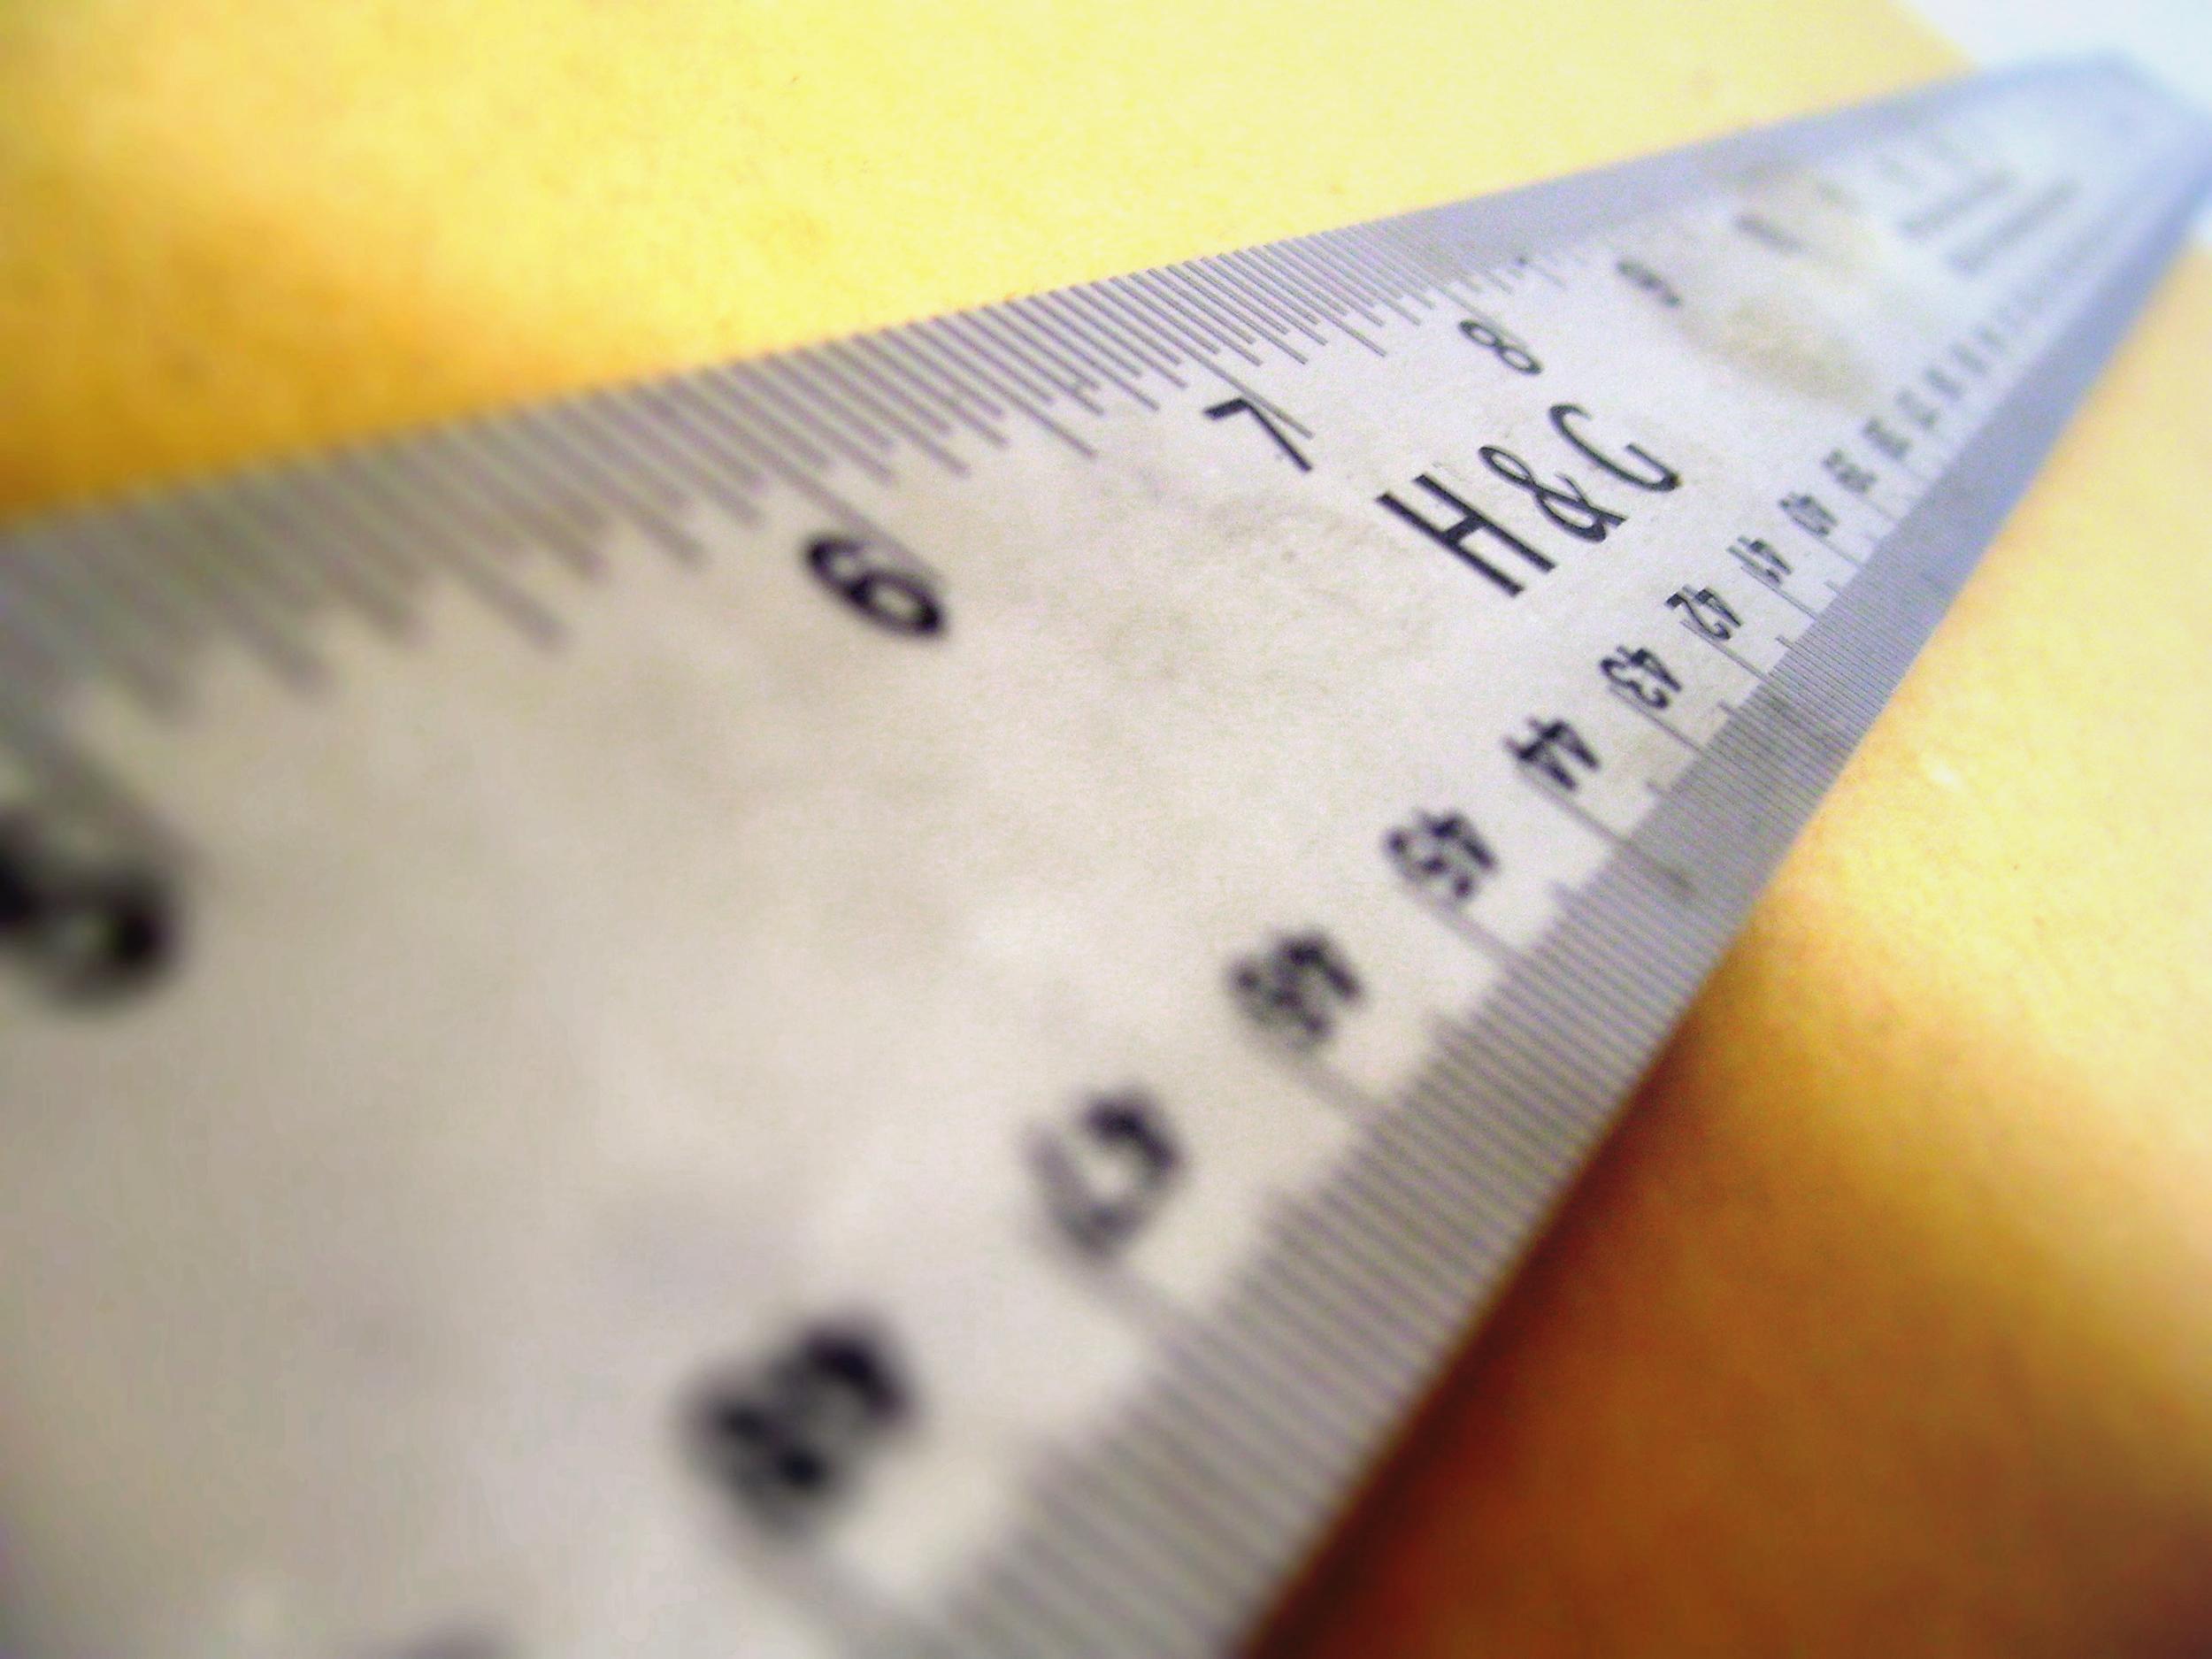 ¿Se puede medir el aprendizaje? Foto: Measuring Distance (32/365) , por Chandra Marsono, CC BY-NC-SA 2.0